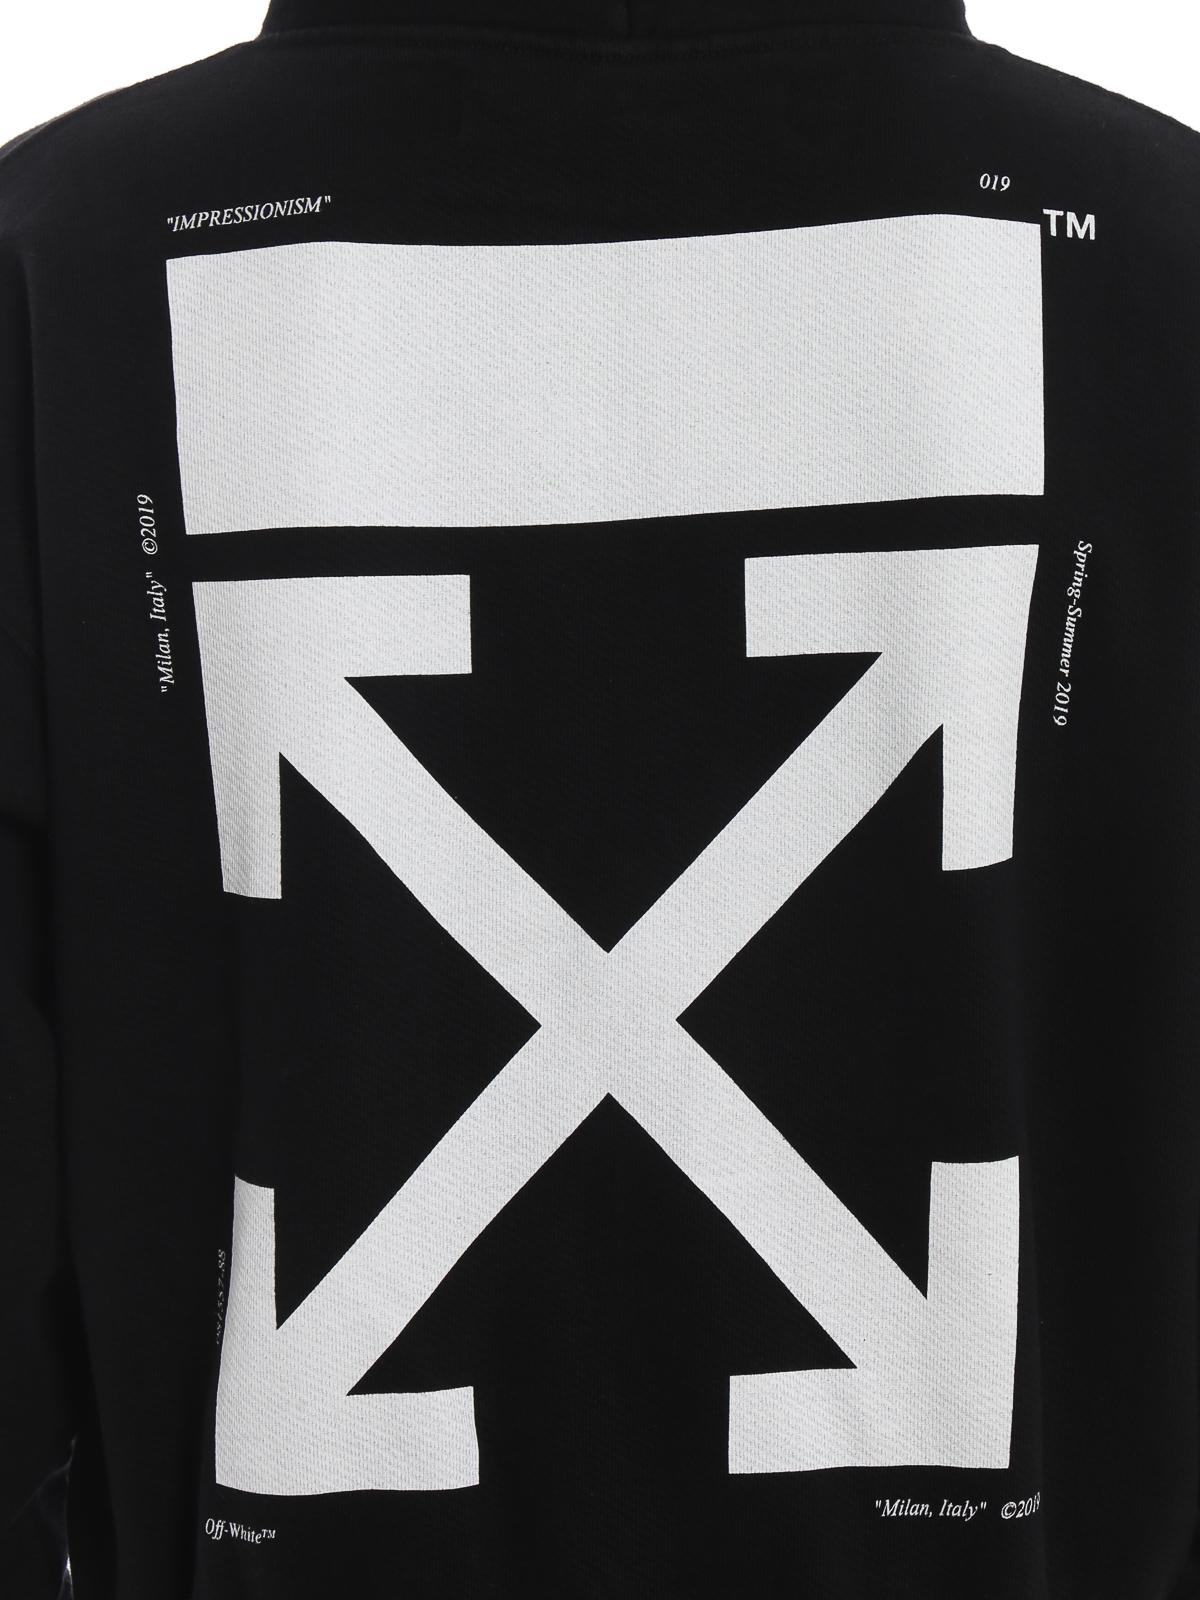 sale absolut stilvoll bester Großhändler Off-White - Sweatshirt - Schwarz - Sweatshirts und Pullover ...